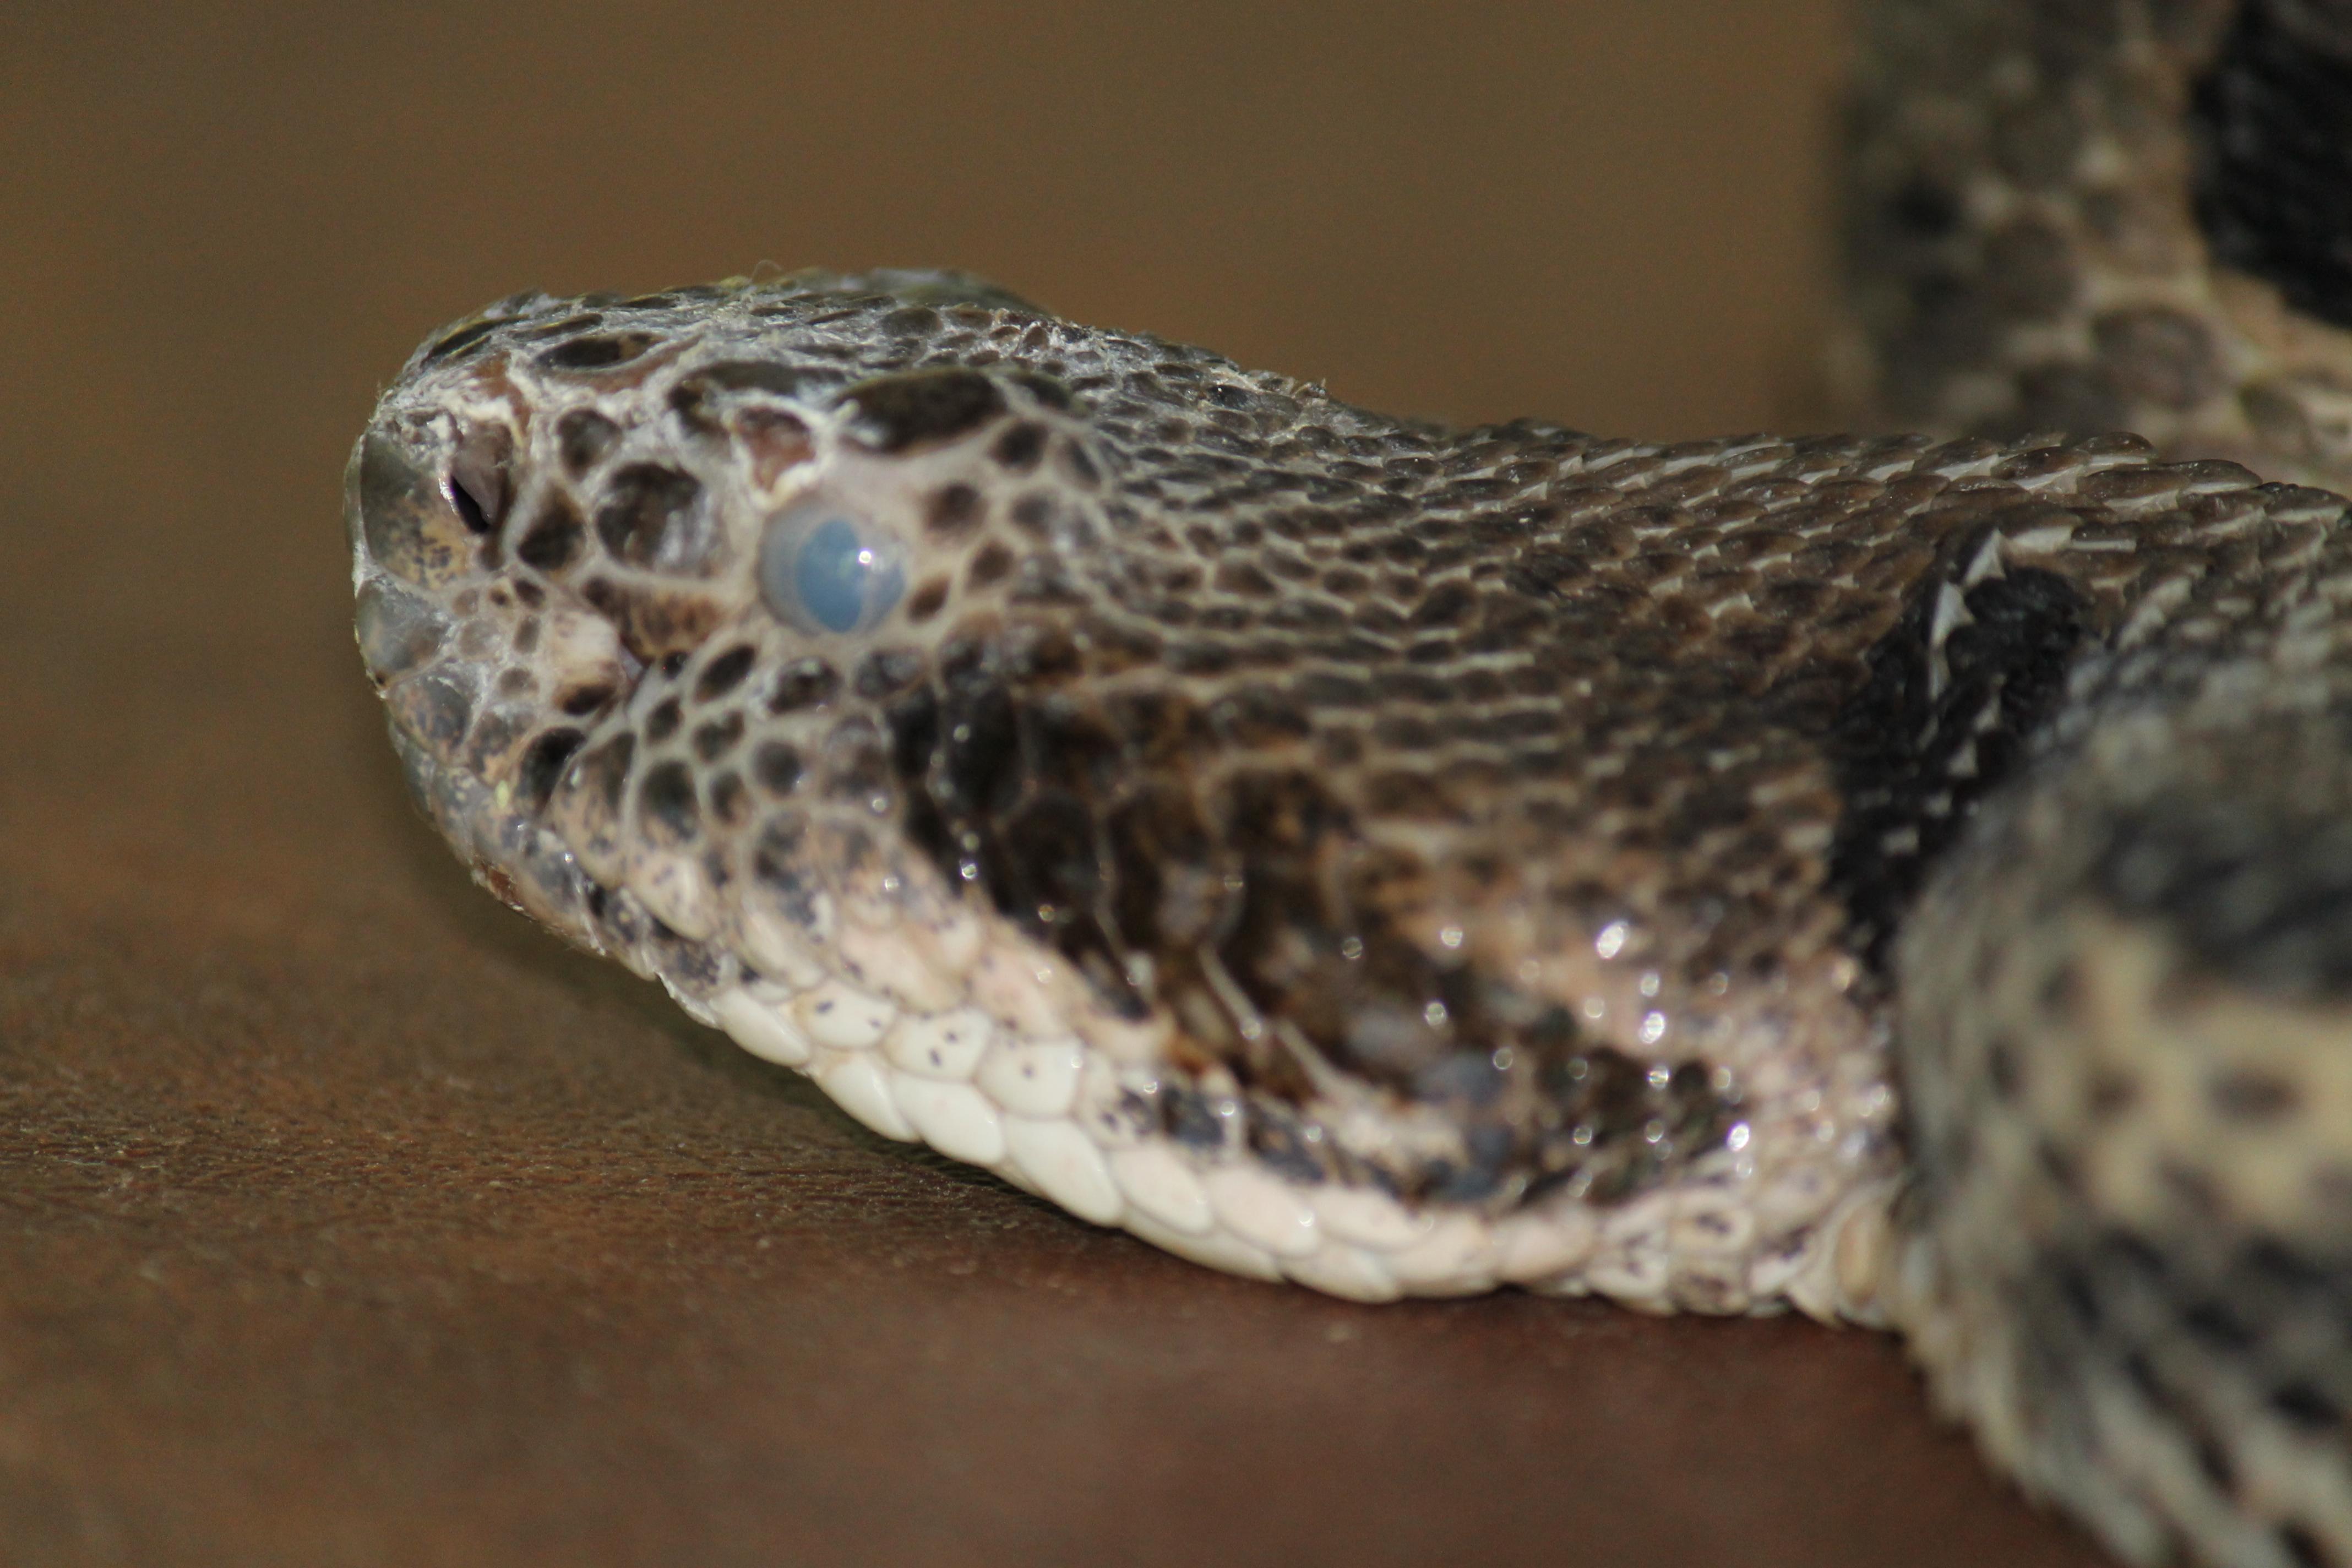 santé-critère-espèce-serpents-maladie-parasite-problème-signe-symptômes-reptiles-NAC-animal-animaux-compagnie-animogen-terrarium-